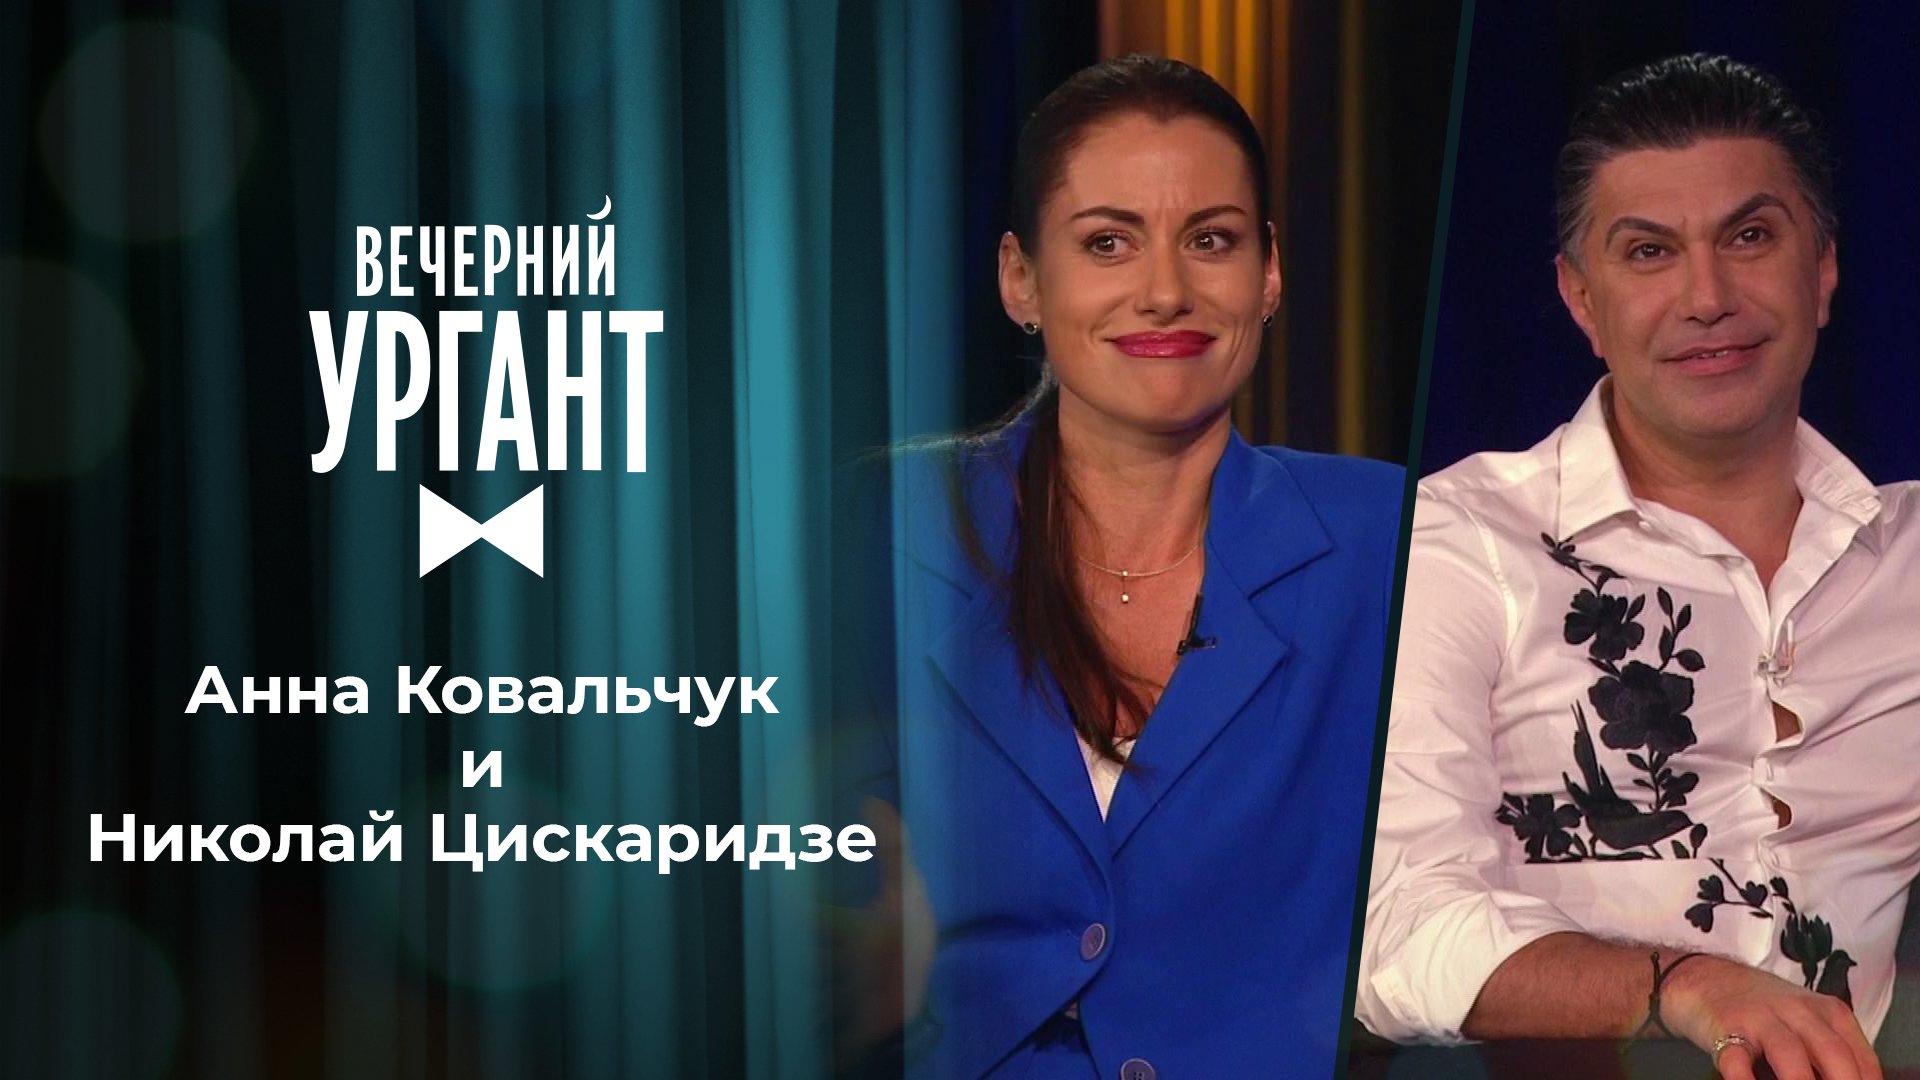 «Вечерний Ургант» вСанкт-Петербурге. Анна Ковальчук иНиколай Цискаридзе